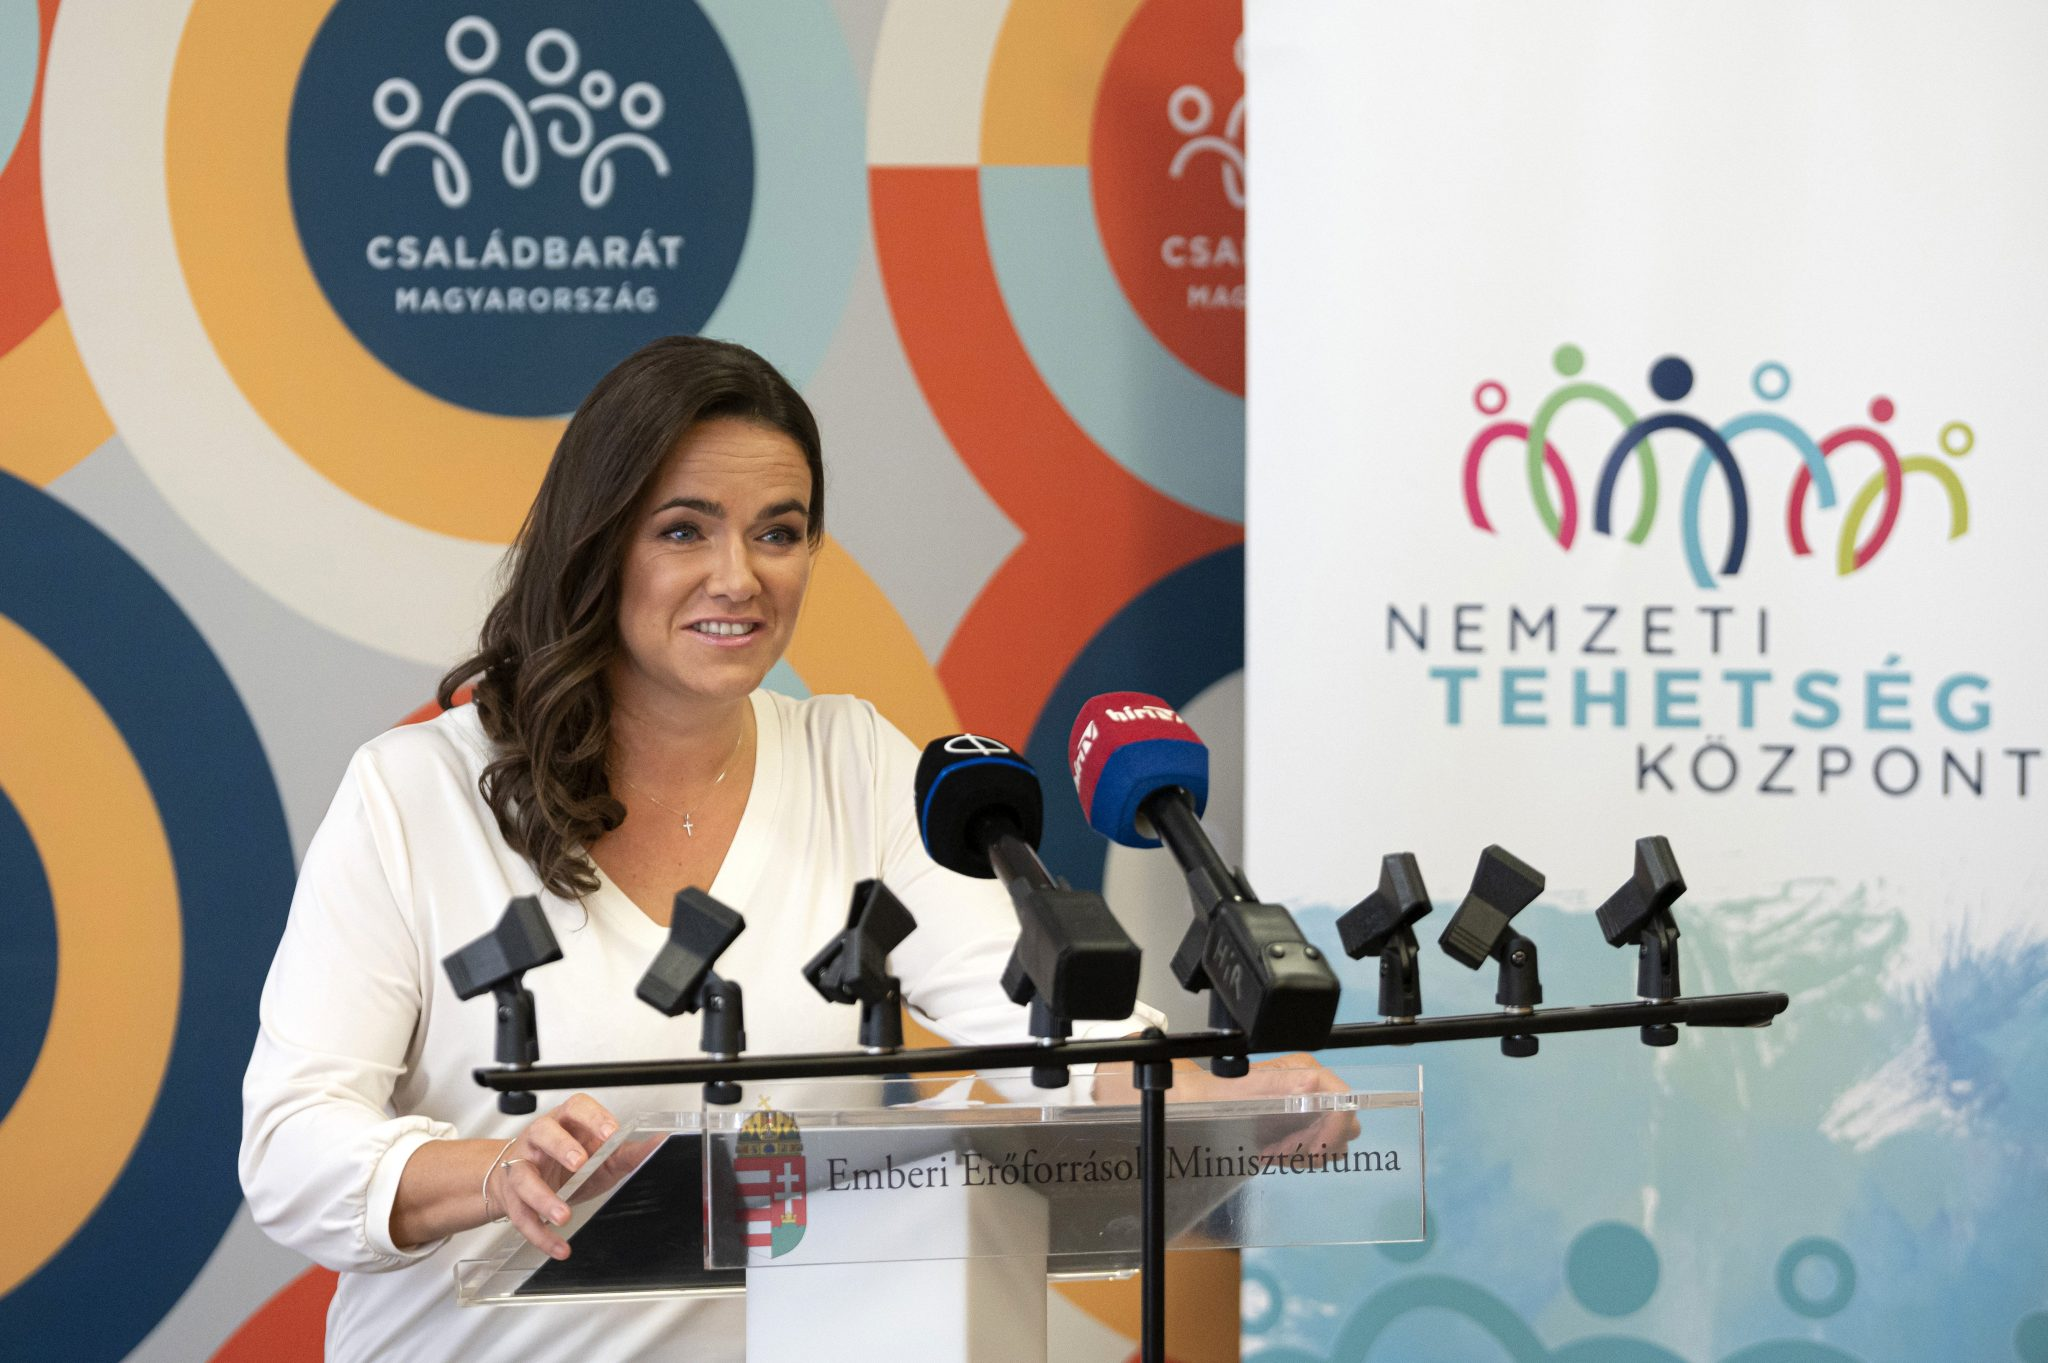 Visegrad-Staaten setzen ein gutes Beispiel in Bezug auf Demographie